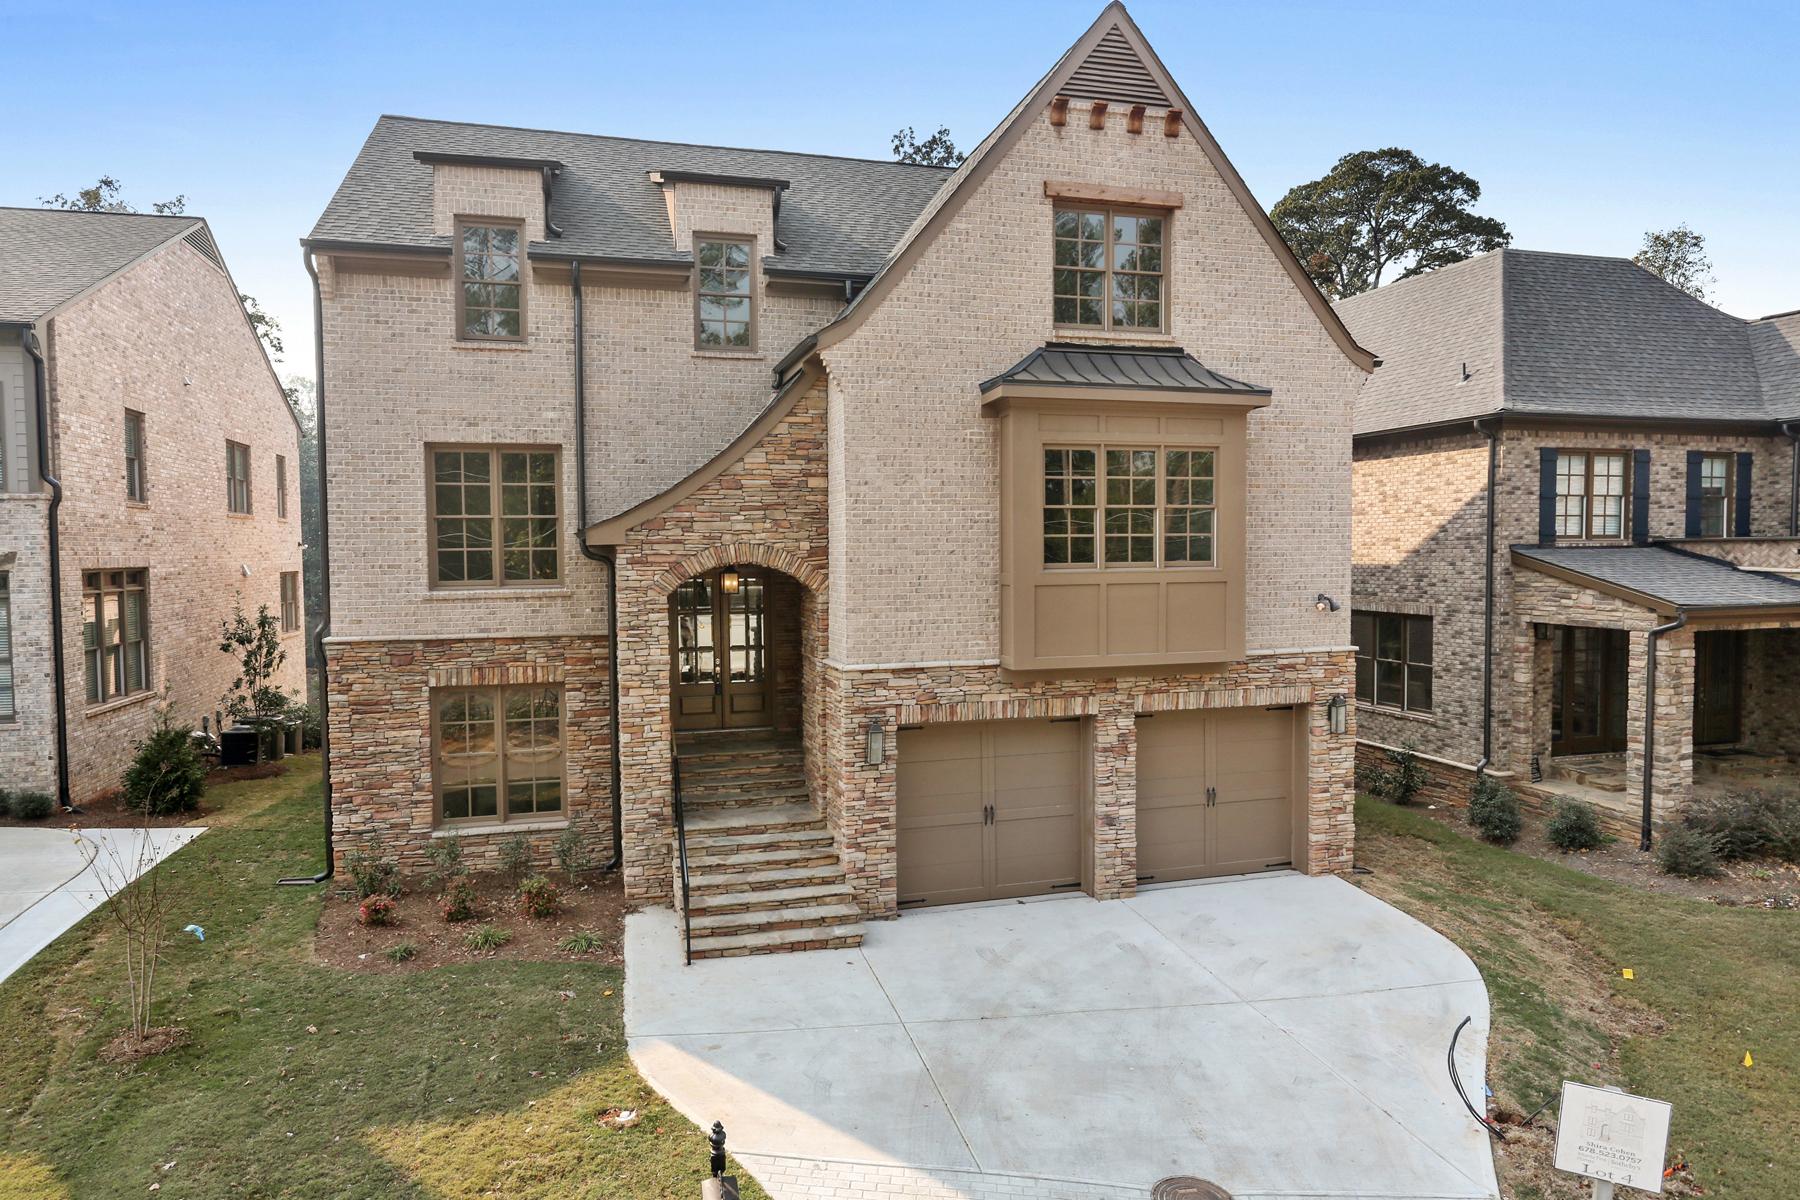 단독 가정 주택 용 매매 에 New Construction Home In Brookhaven 3828 Chamblee Dunwoody Road Atlanta, 조지아, 30341 미국